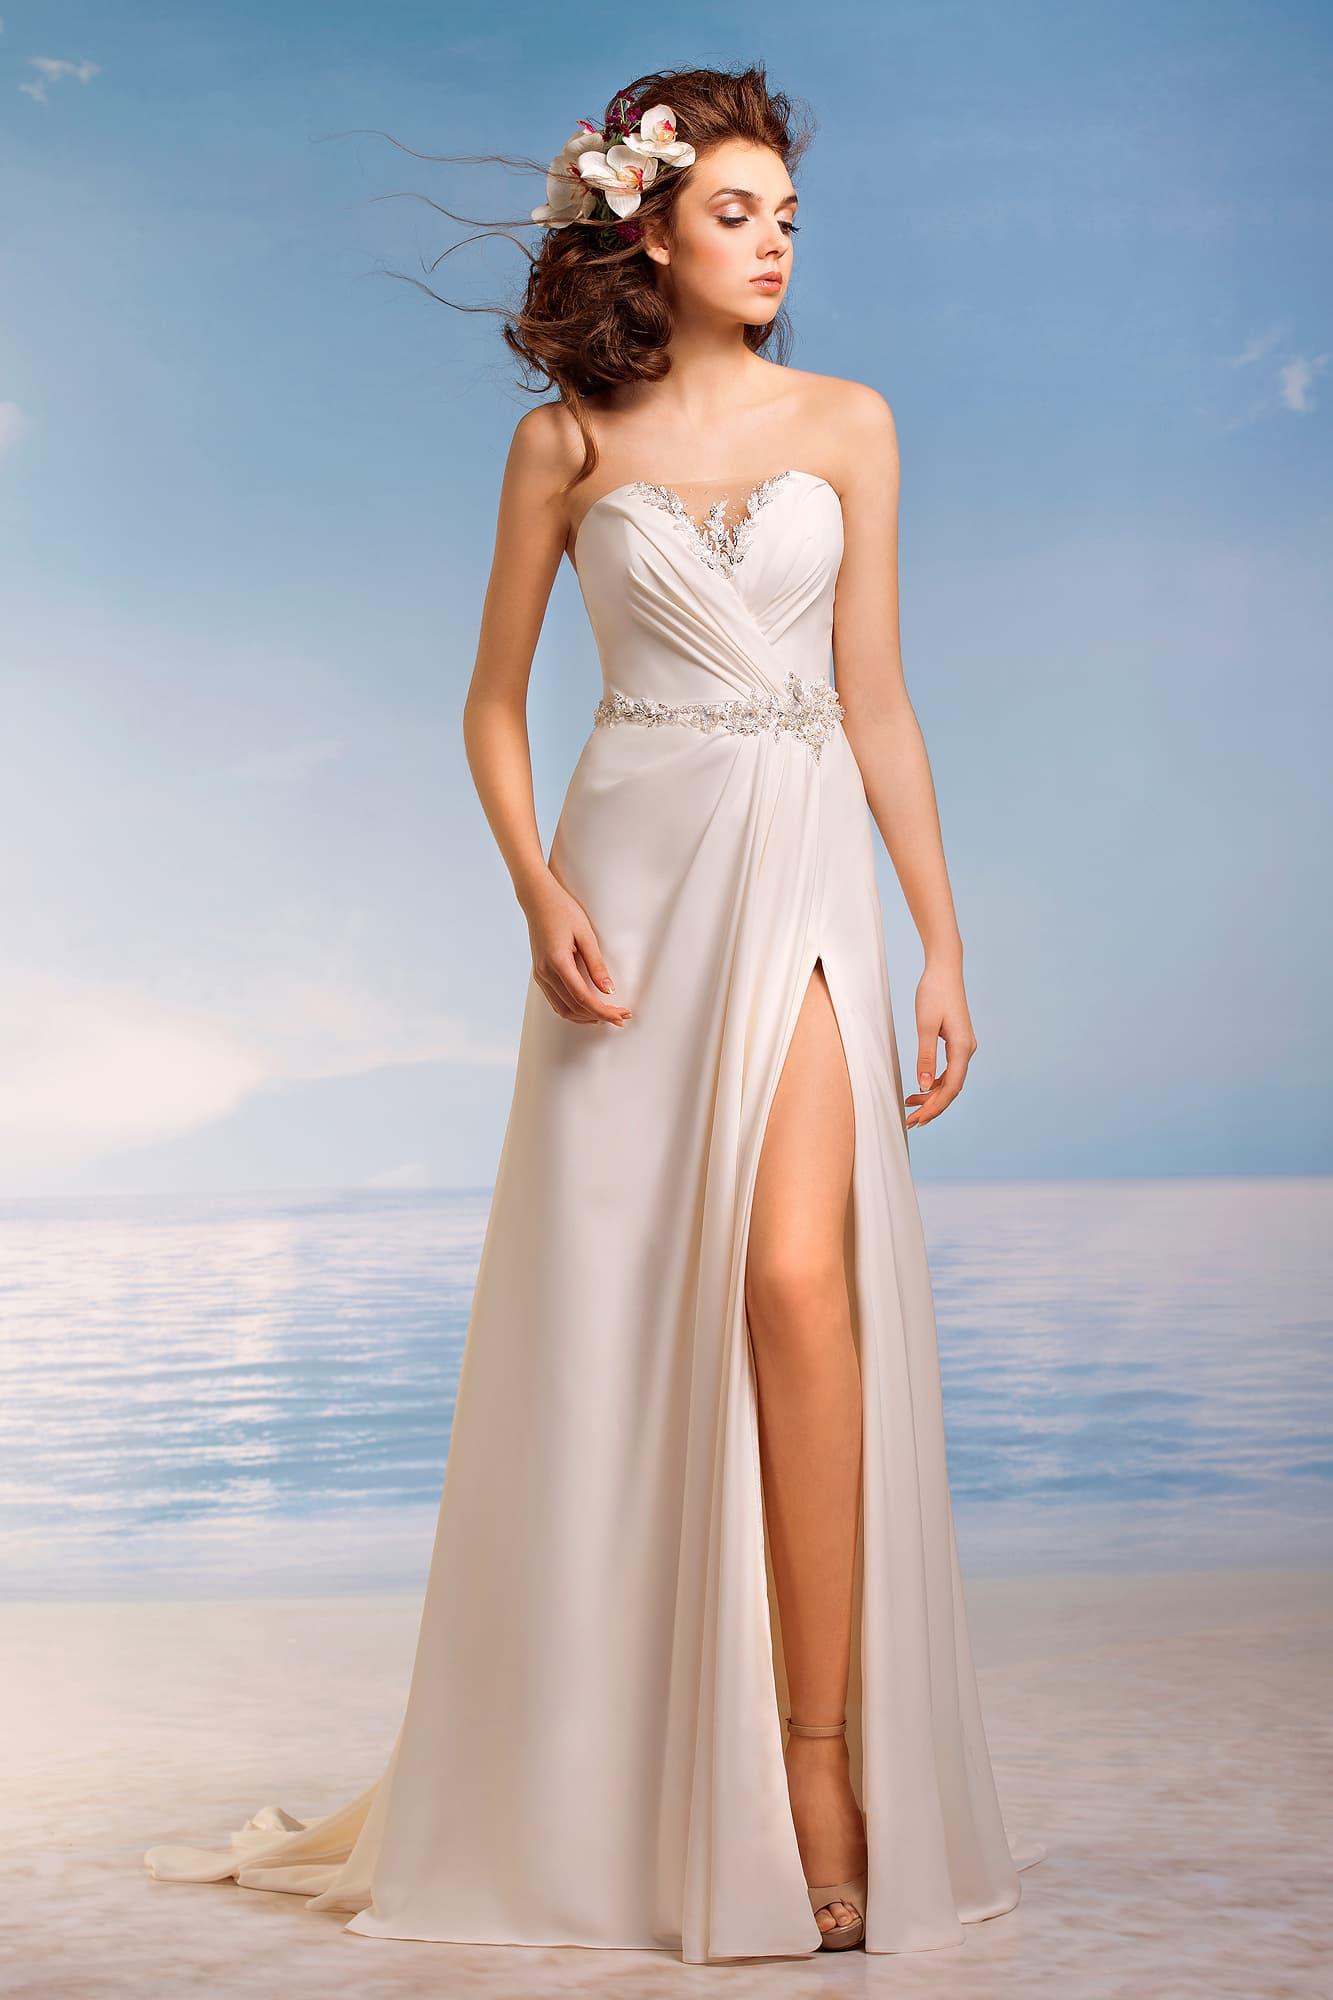 Свадебные платья для острова фото